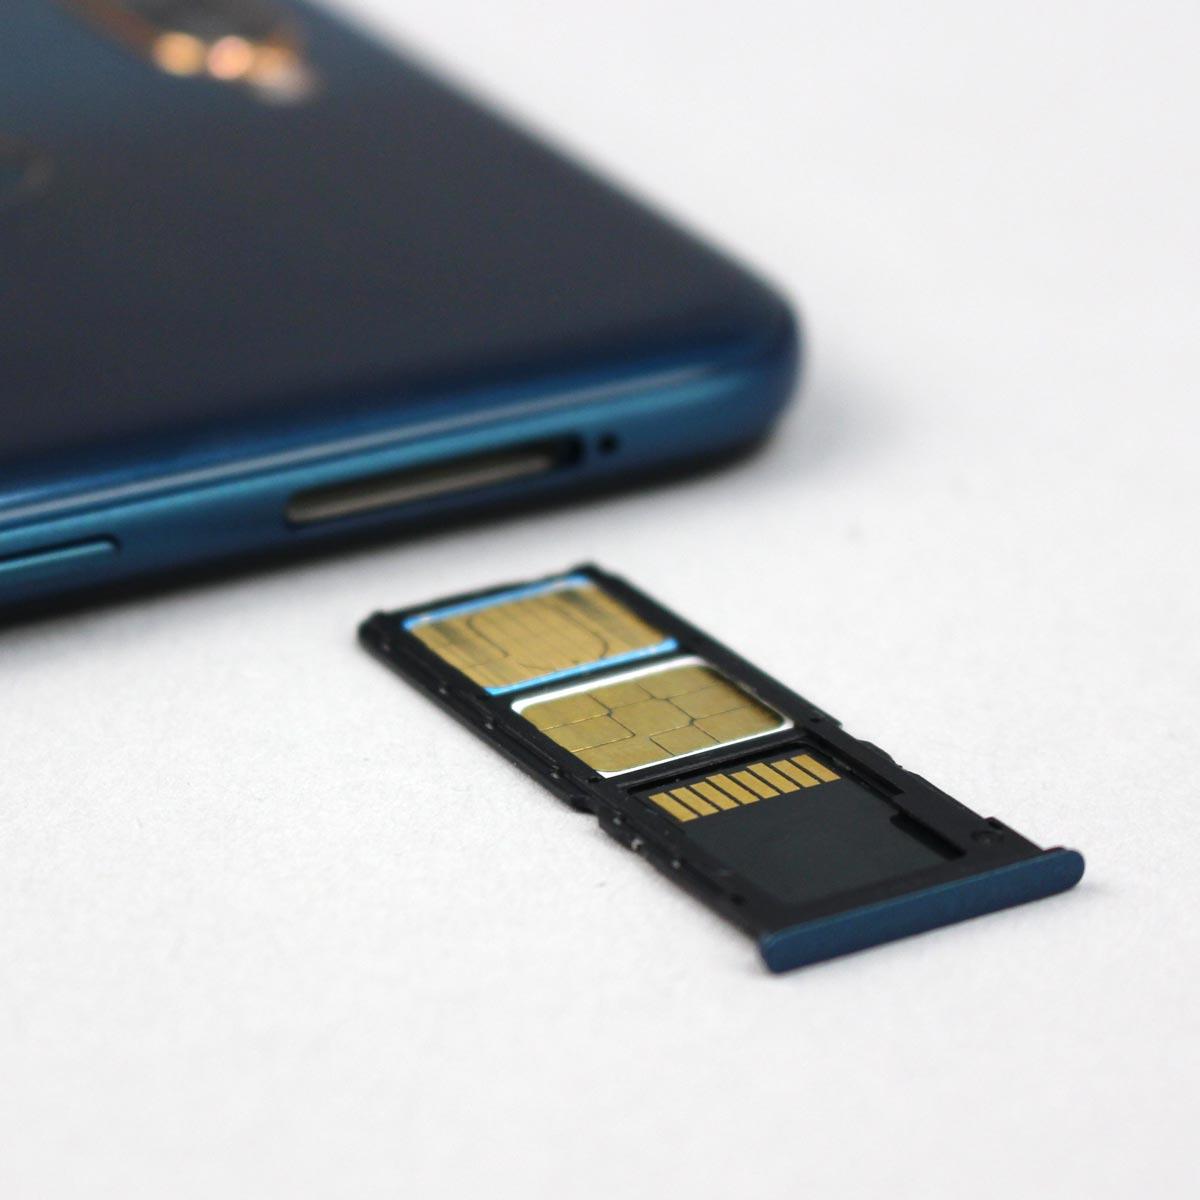 2枚のSIMカードを自在に使い分けられる、DSDV対応スマホカタログ(2019年6月更新)